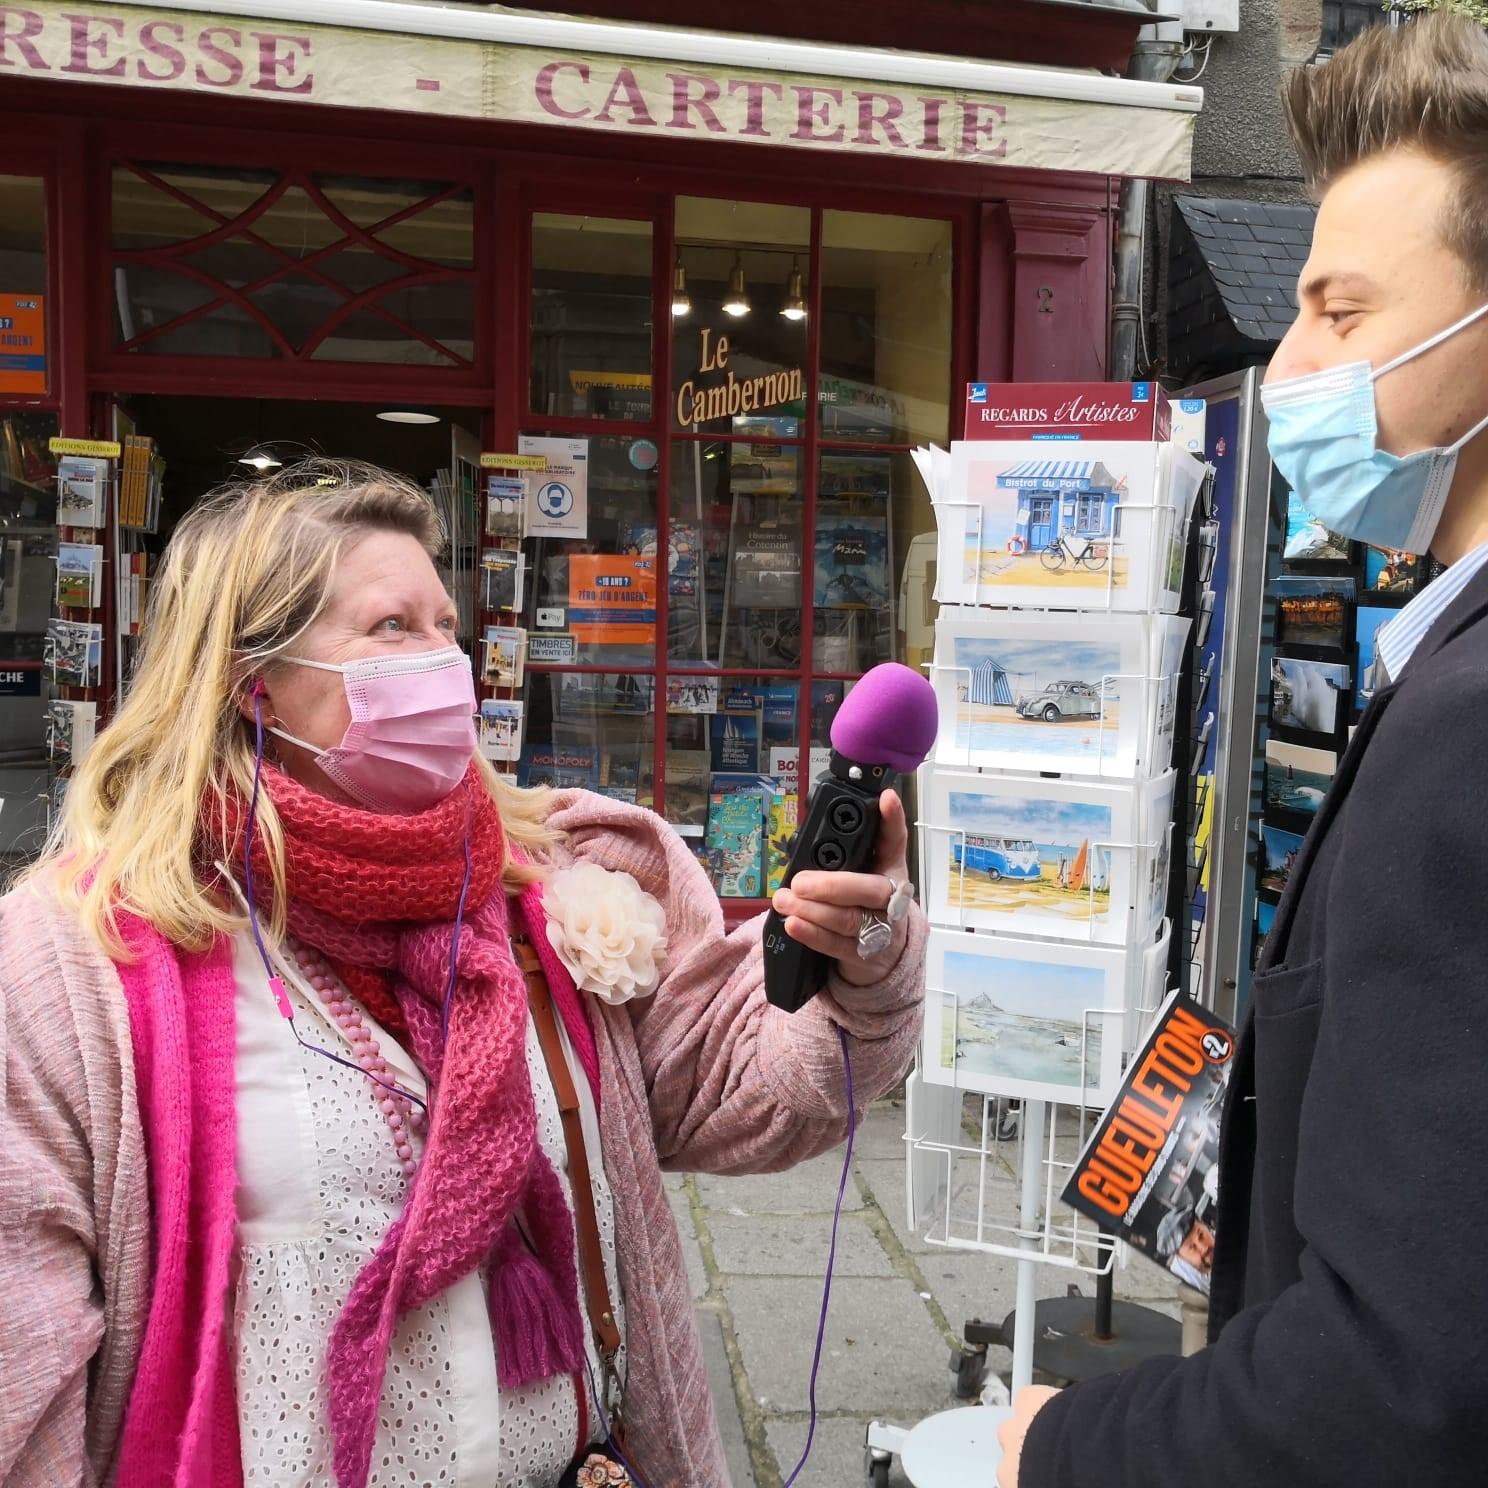 Virginie Chapdelaine et Rose Warda ont interrogé des hommes dans la rue dans le cadre d'une émission qui sera diffusée prochainement sur Le Bouquet Granvillais. ©DR